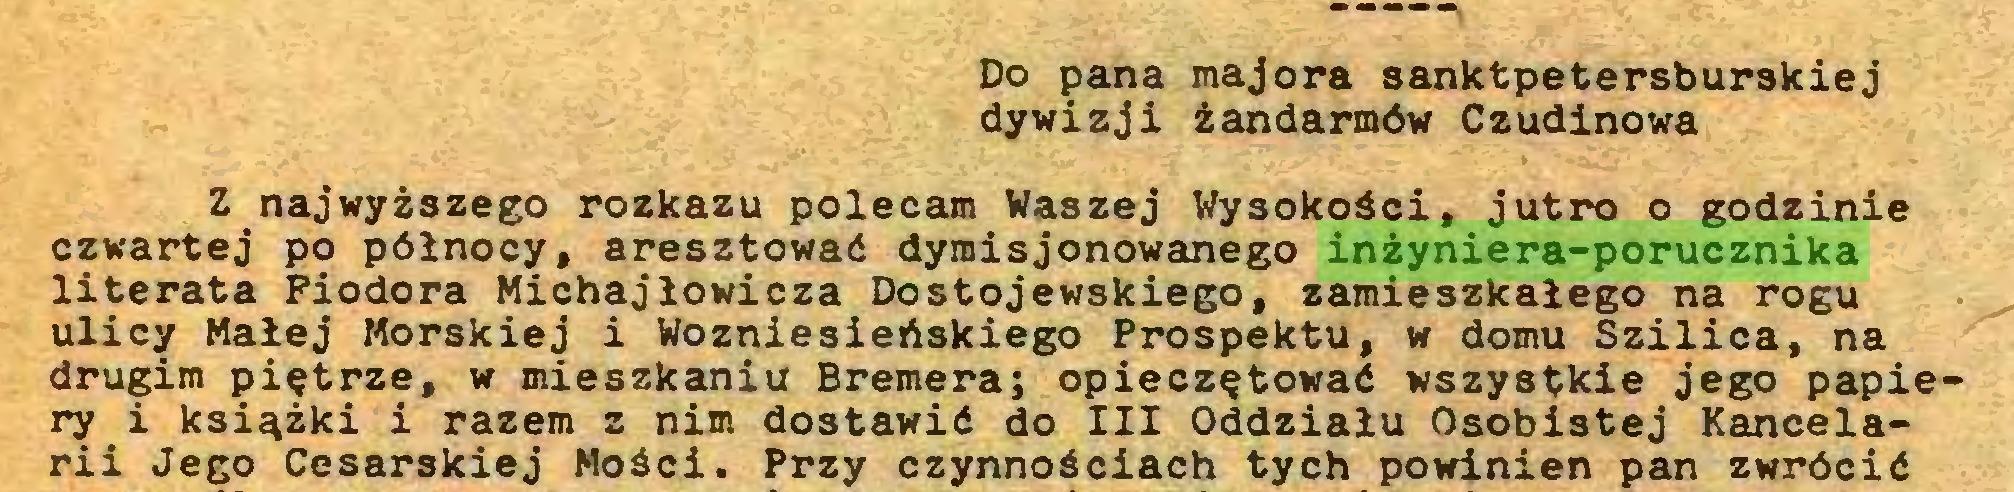 (...) Do pana majora sanktpetersburskiej dywizji żandarmów Czudinowa Z najwyższego rozkazu polecam Waszej Wysokości, jutro o godzinie czwartej po północy, aresztować dymisjonowanego inżyniera-porucznika literata Fiodora Michajłowicza Dostojewskiego, zamieszkałego na rogu ulicy Małej Morskiej i Wozniesieńskiego Prospektu, w domu Szilica, na drugim piętrze, w mieszkaniu Bremera; opieczętować wszystkie jego papiery i książki i razem z nim dostawić do III Oddziału Osobistej Kancelarii Jego Cesarskiej Mości. Przy czynnościach tych powinien pan zwrócić...